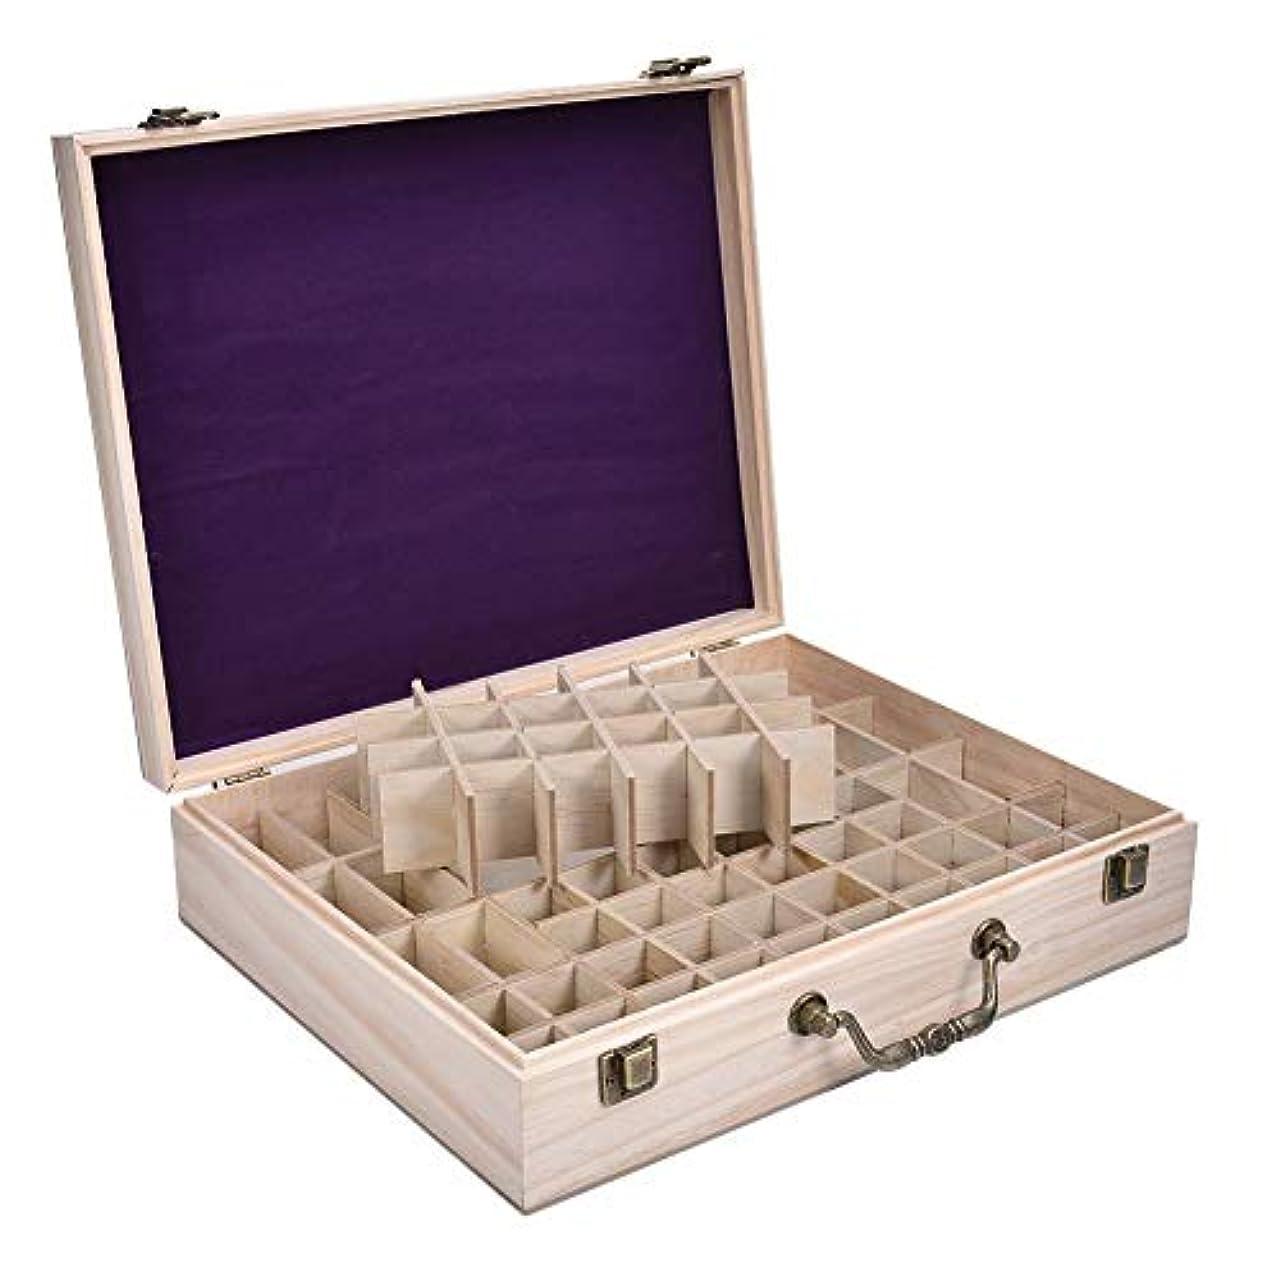 カリング良心的シャックルエッセンシャルオイルボックス エッセンシャルオイル収納ボックス レトロ 和風 木製 精油収納 携帯便利 68本用